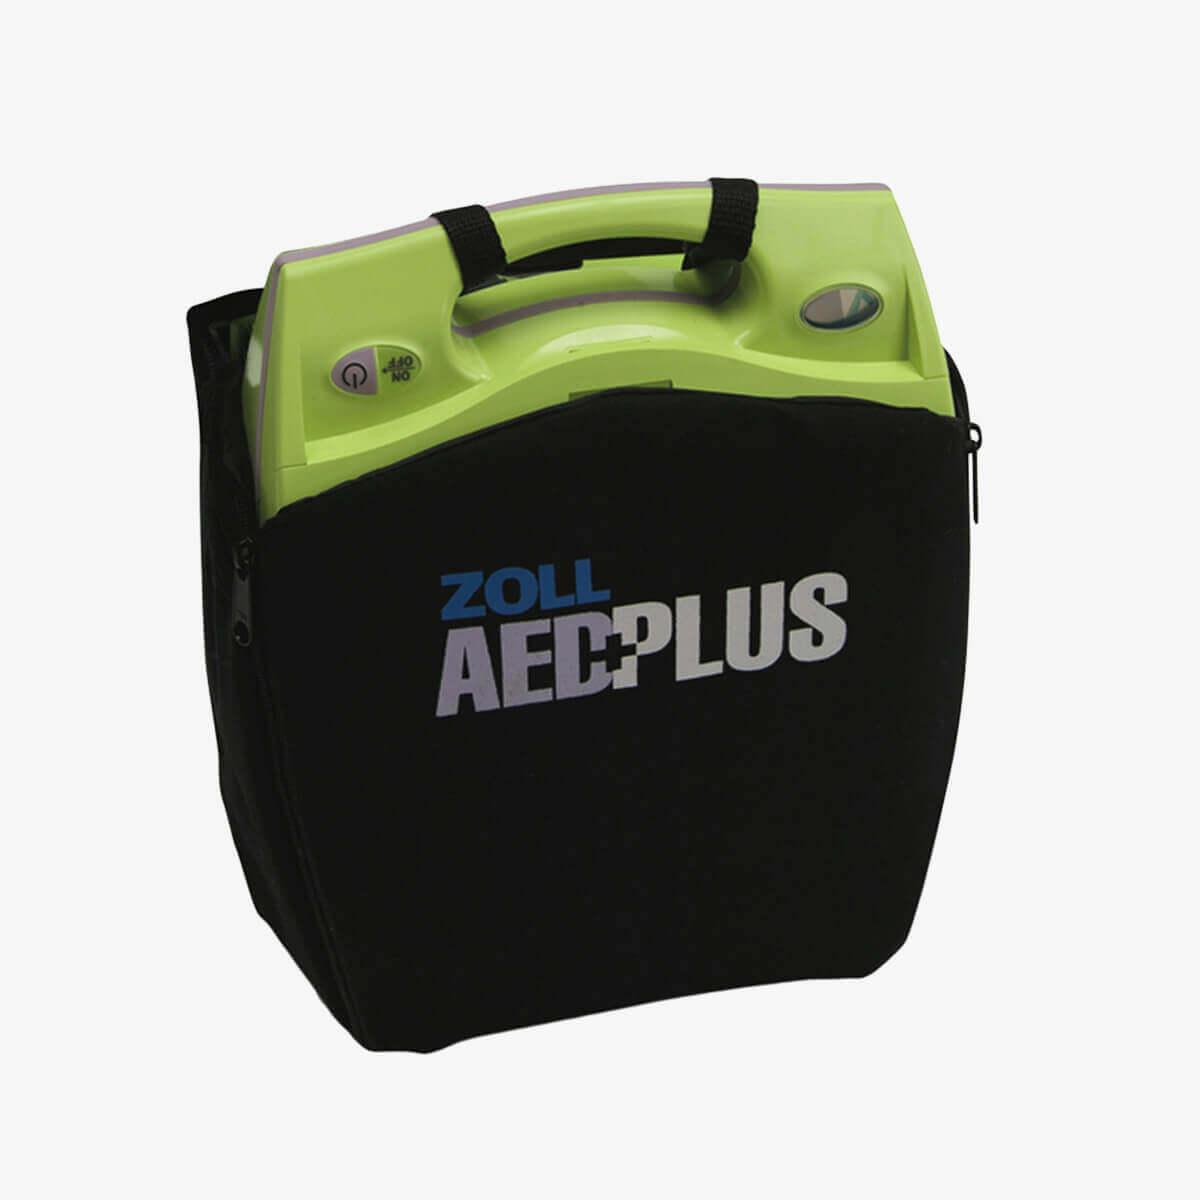 Tragetasche für den ZOLL AED Plus